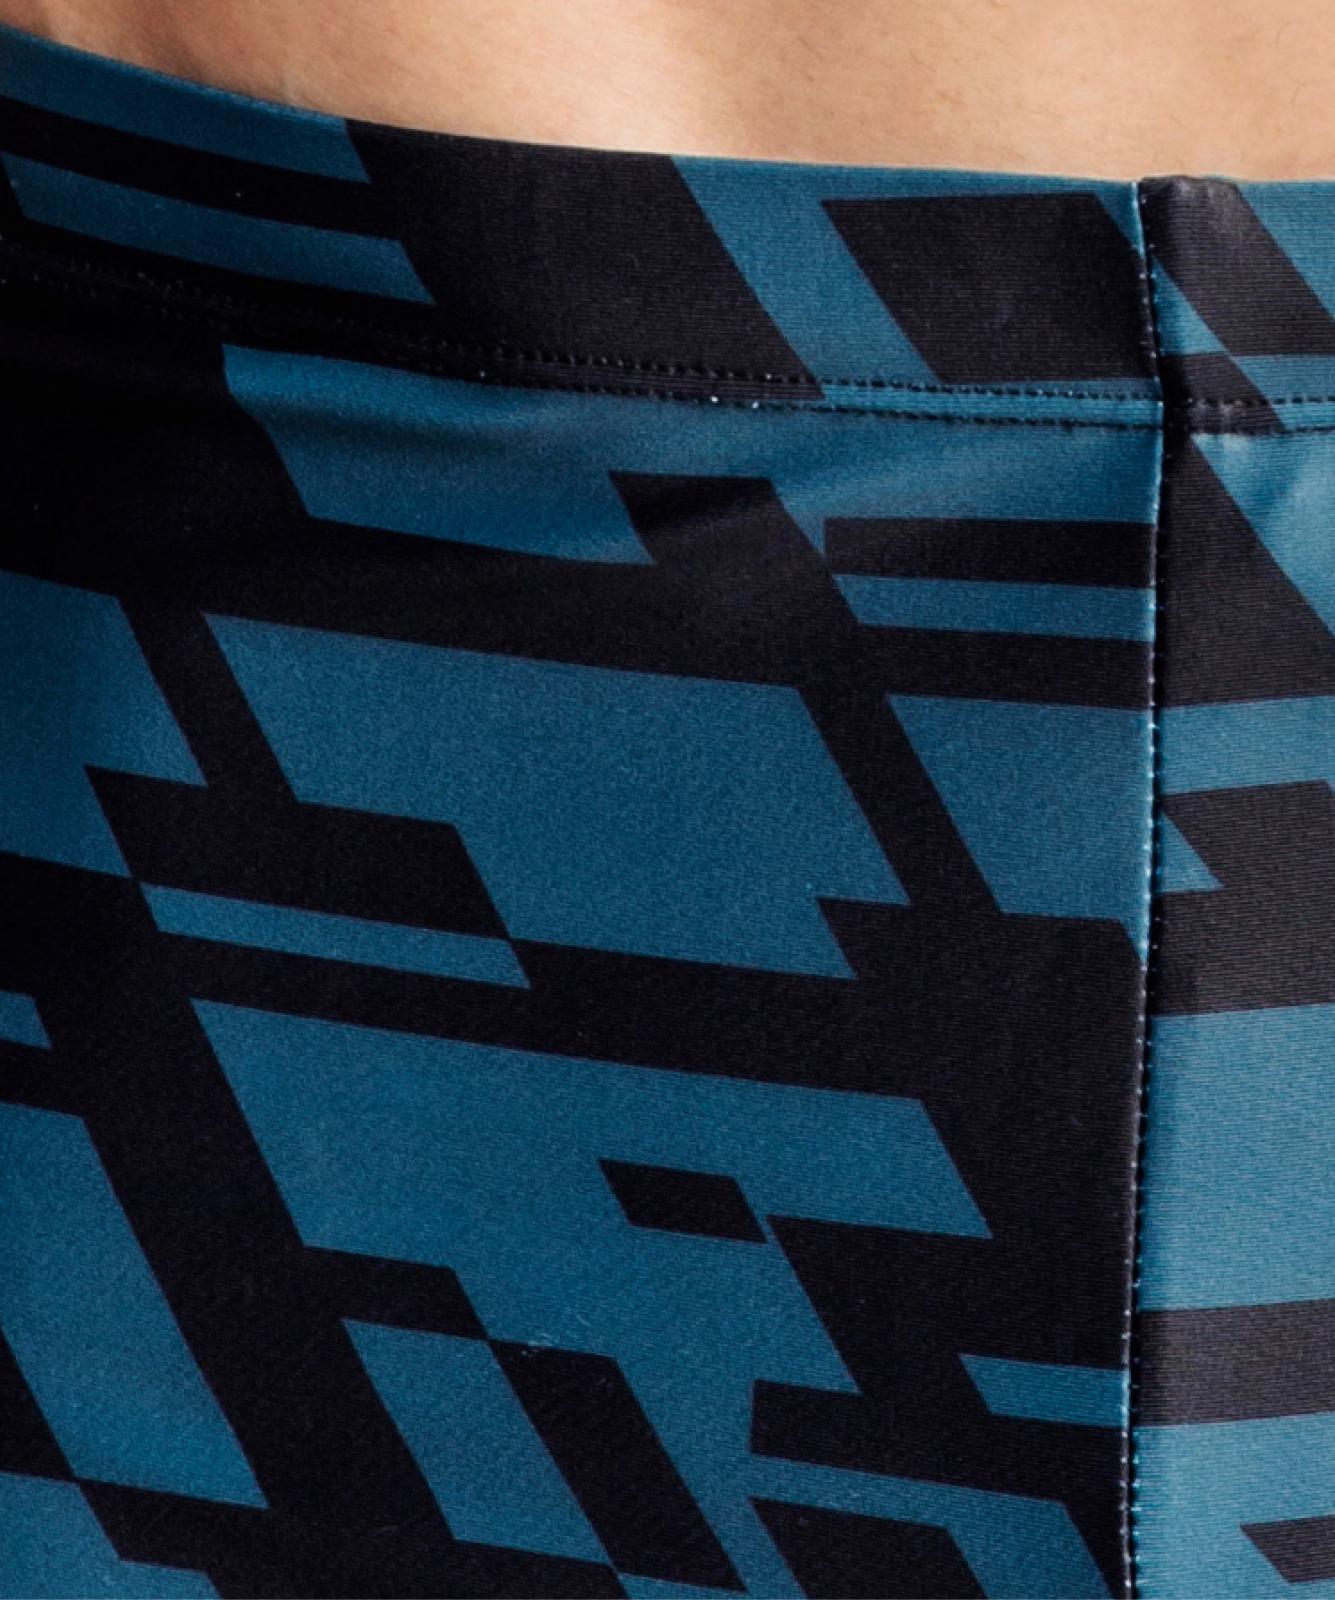 Купальные шорты мужские Atlantic, 1 шт. в уп., полиамид, графит, KMS-311